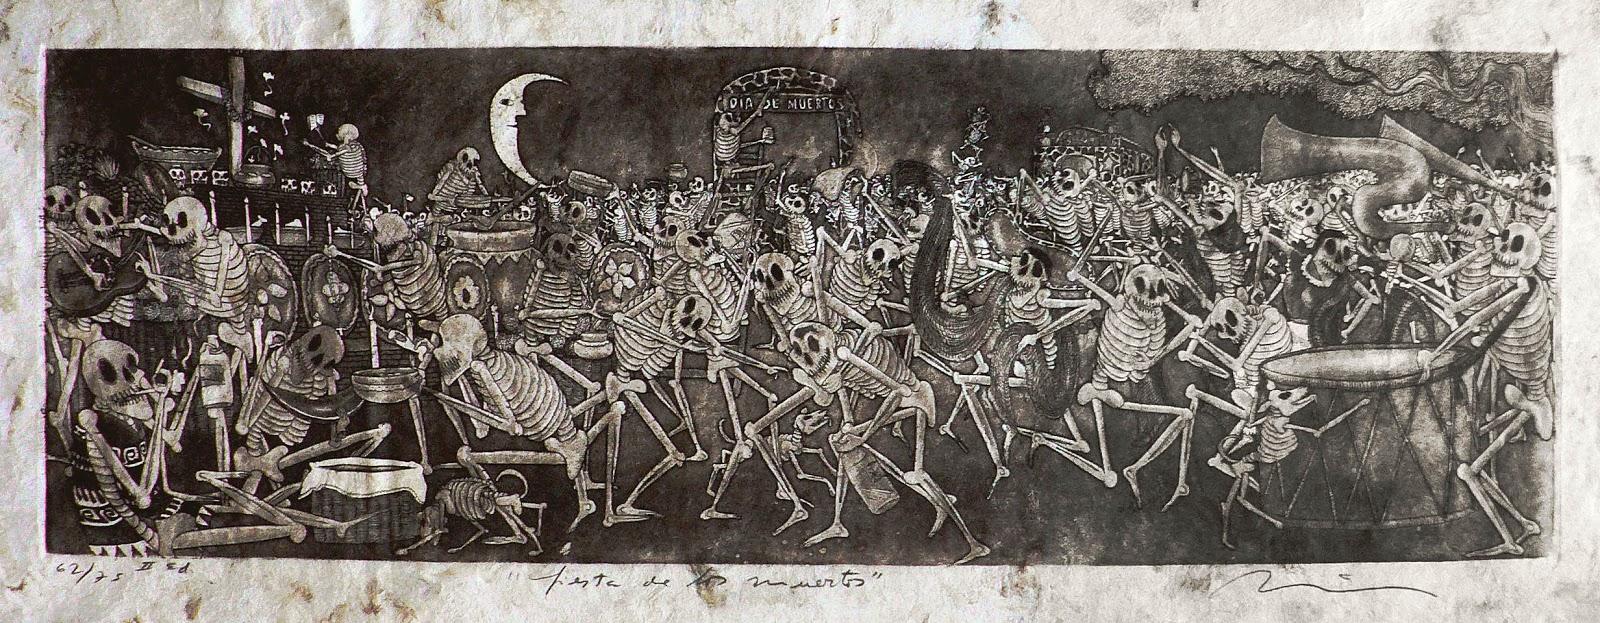 artventures el d atilde shy a de los muertos nicolatildeiexcls de jatildecopysus fiesta de los muertos etching and aquatint